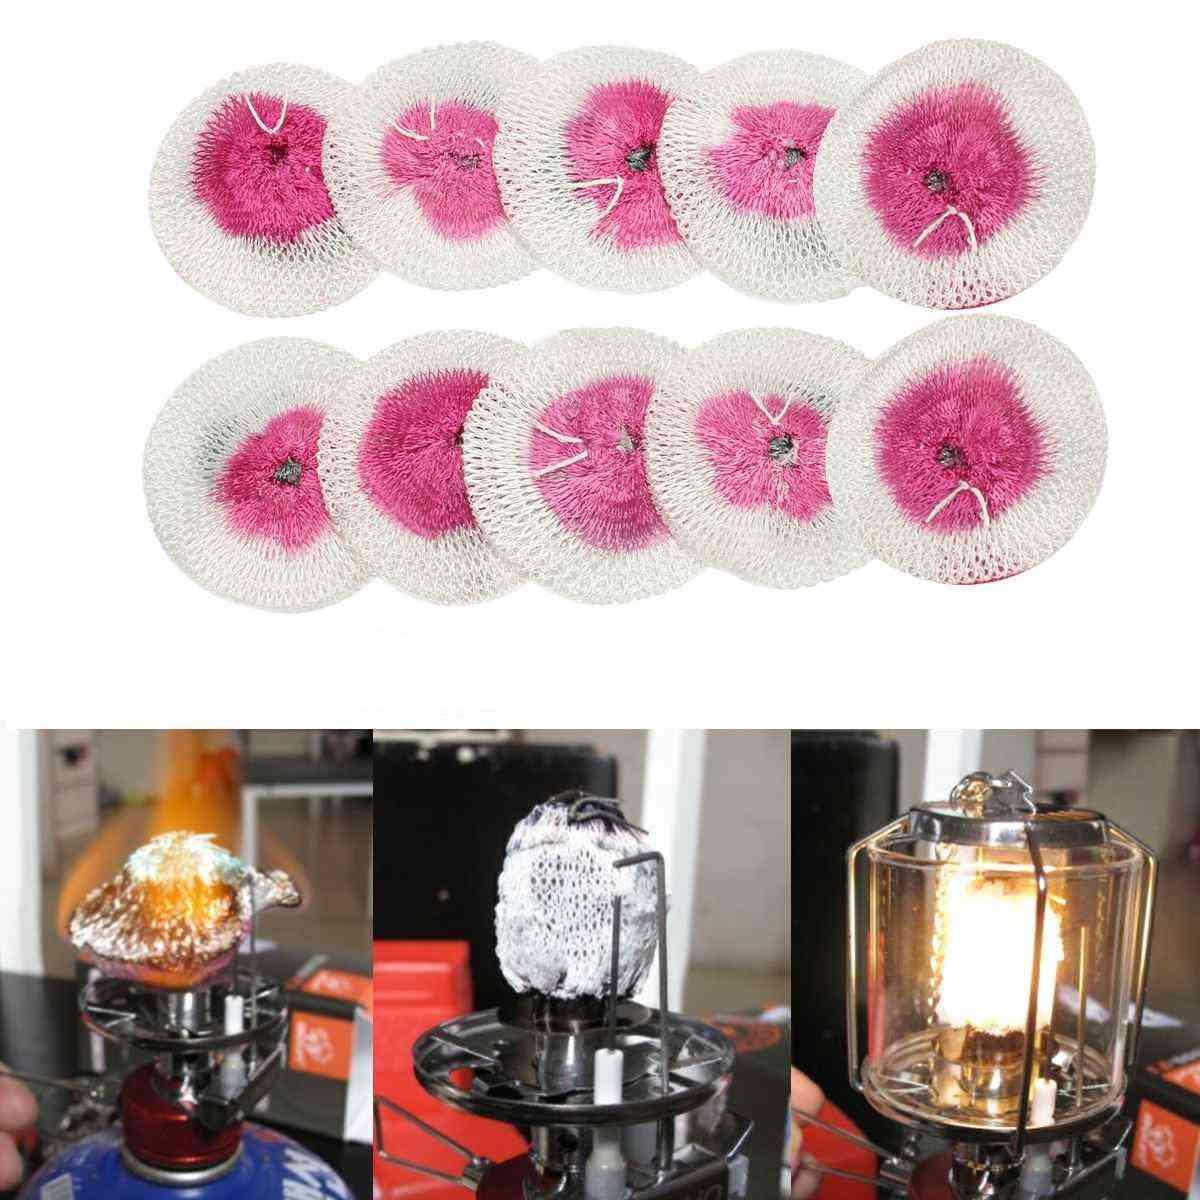 Lantern Mantles - Kerosene Gas Lamp Cover